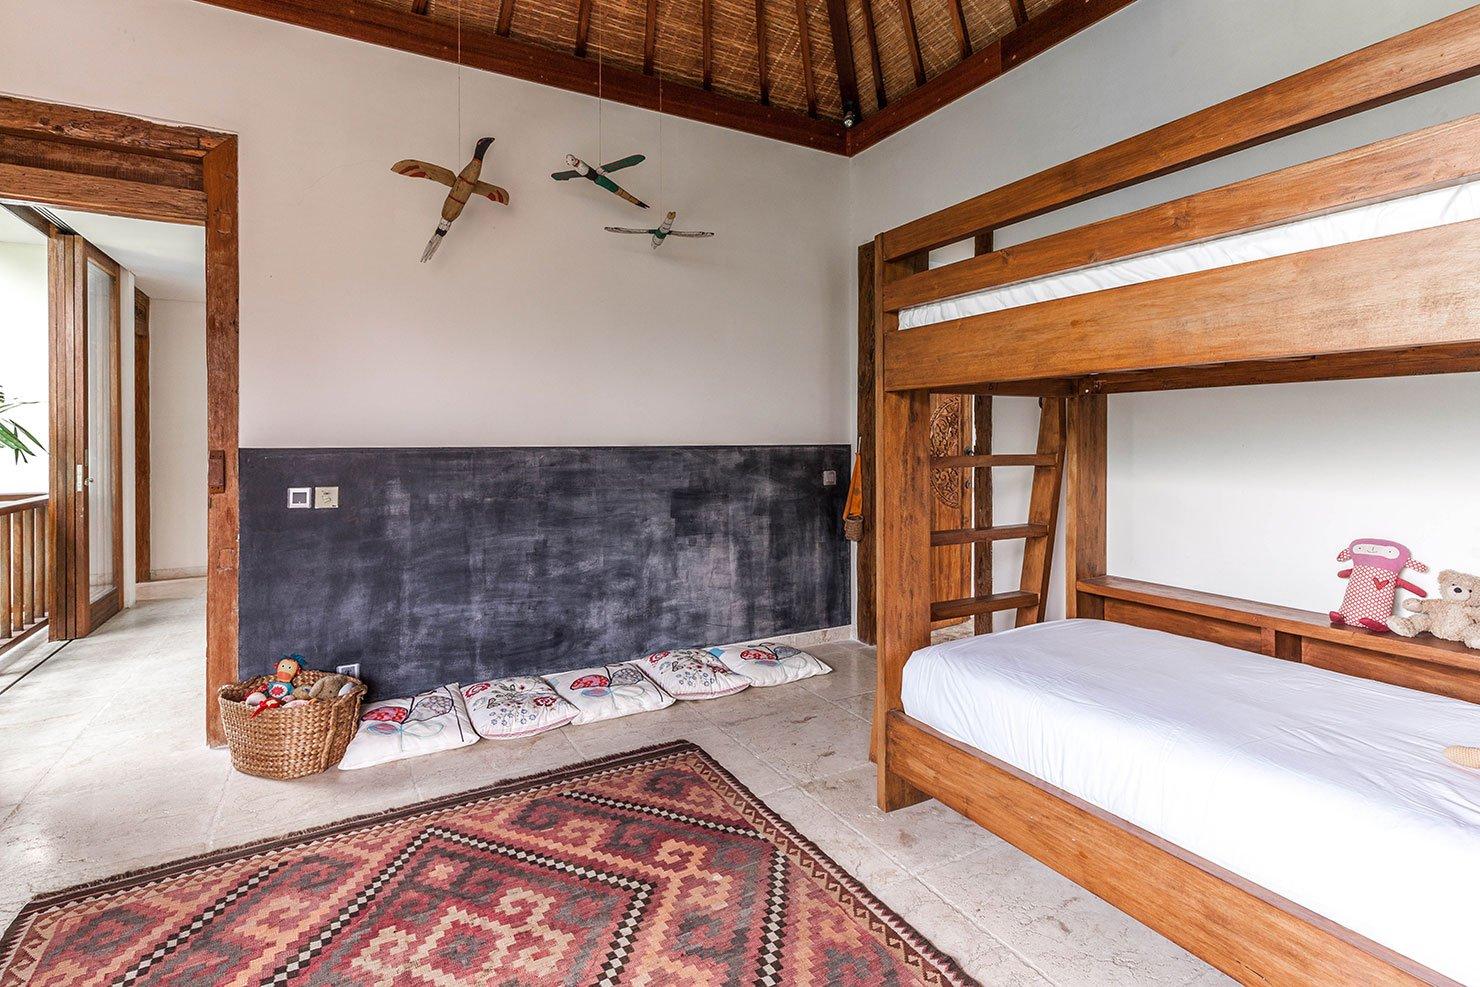 Bali Interiors-sea shanty